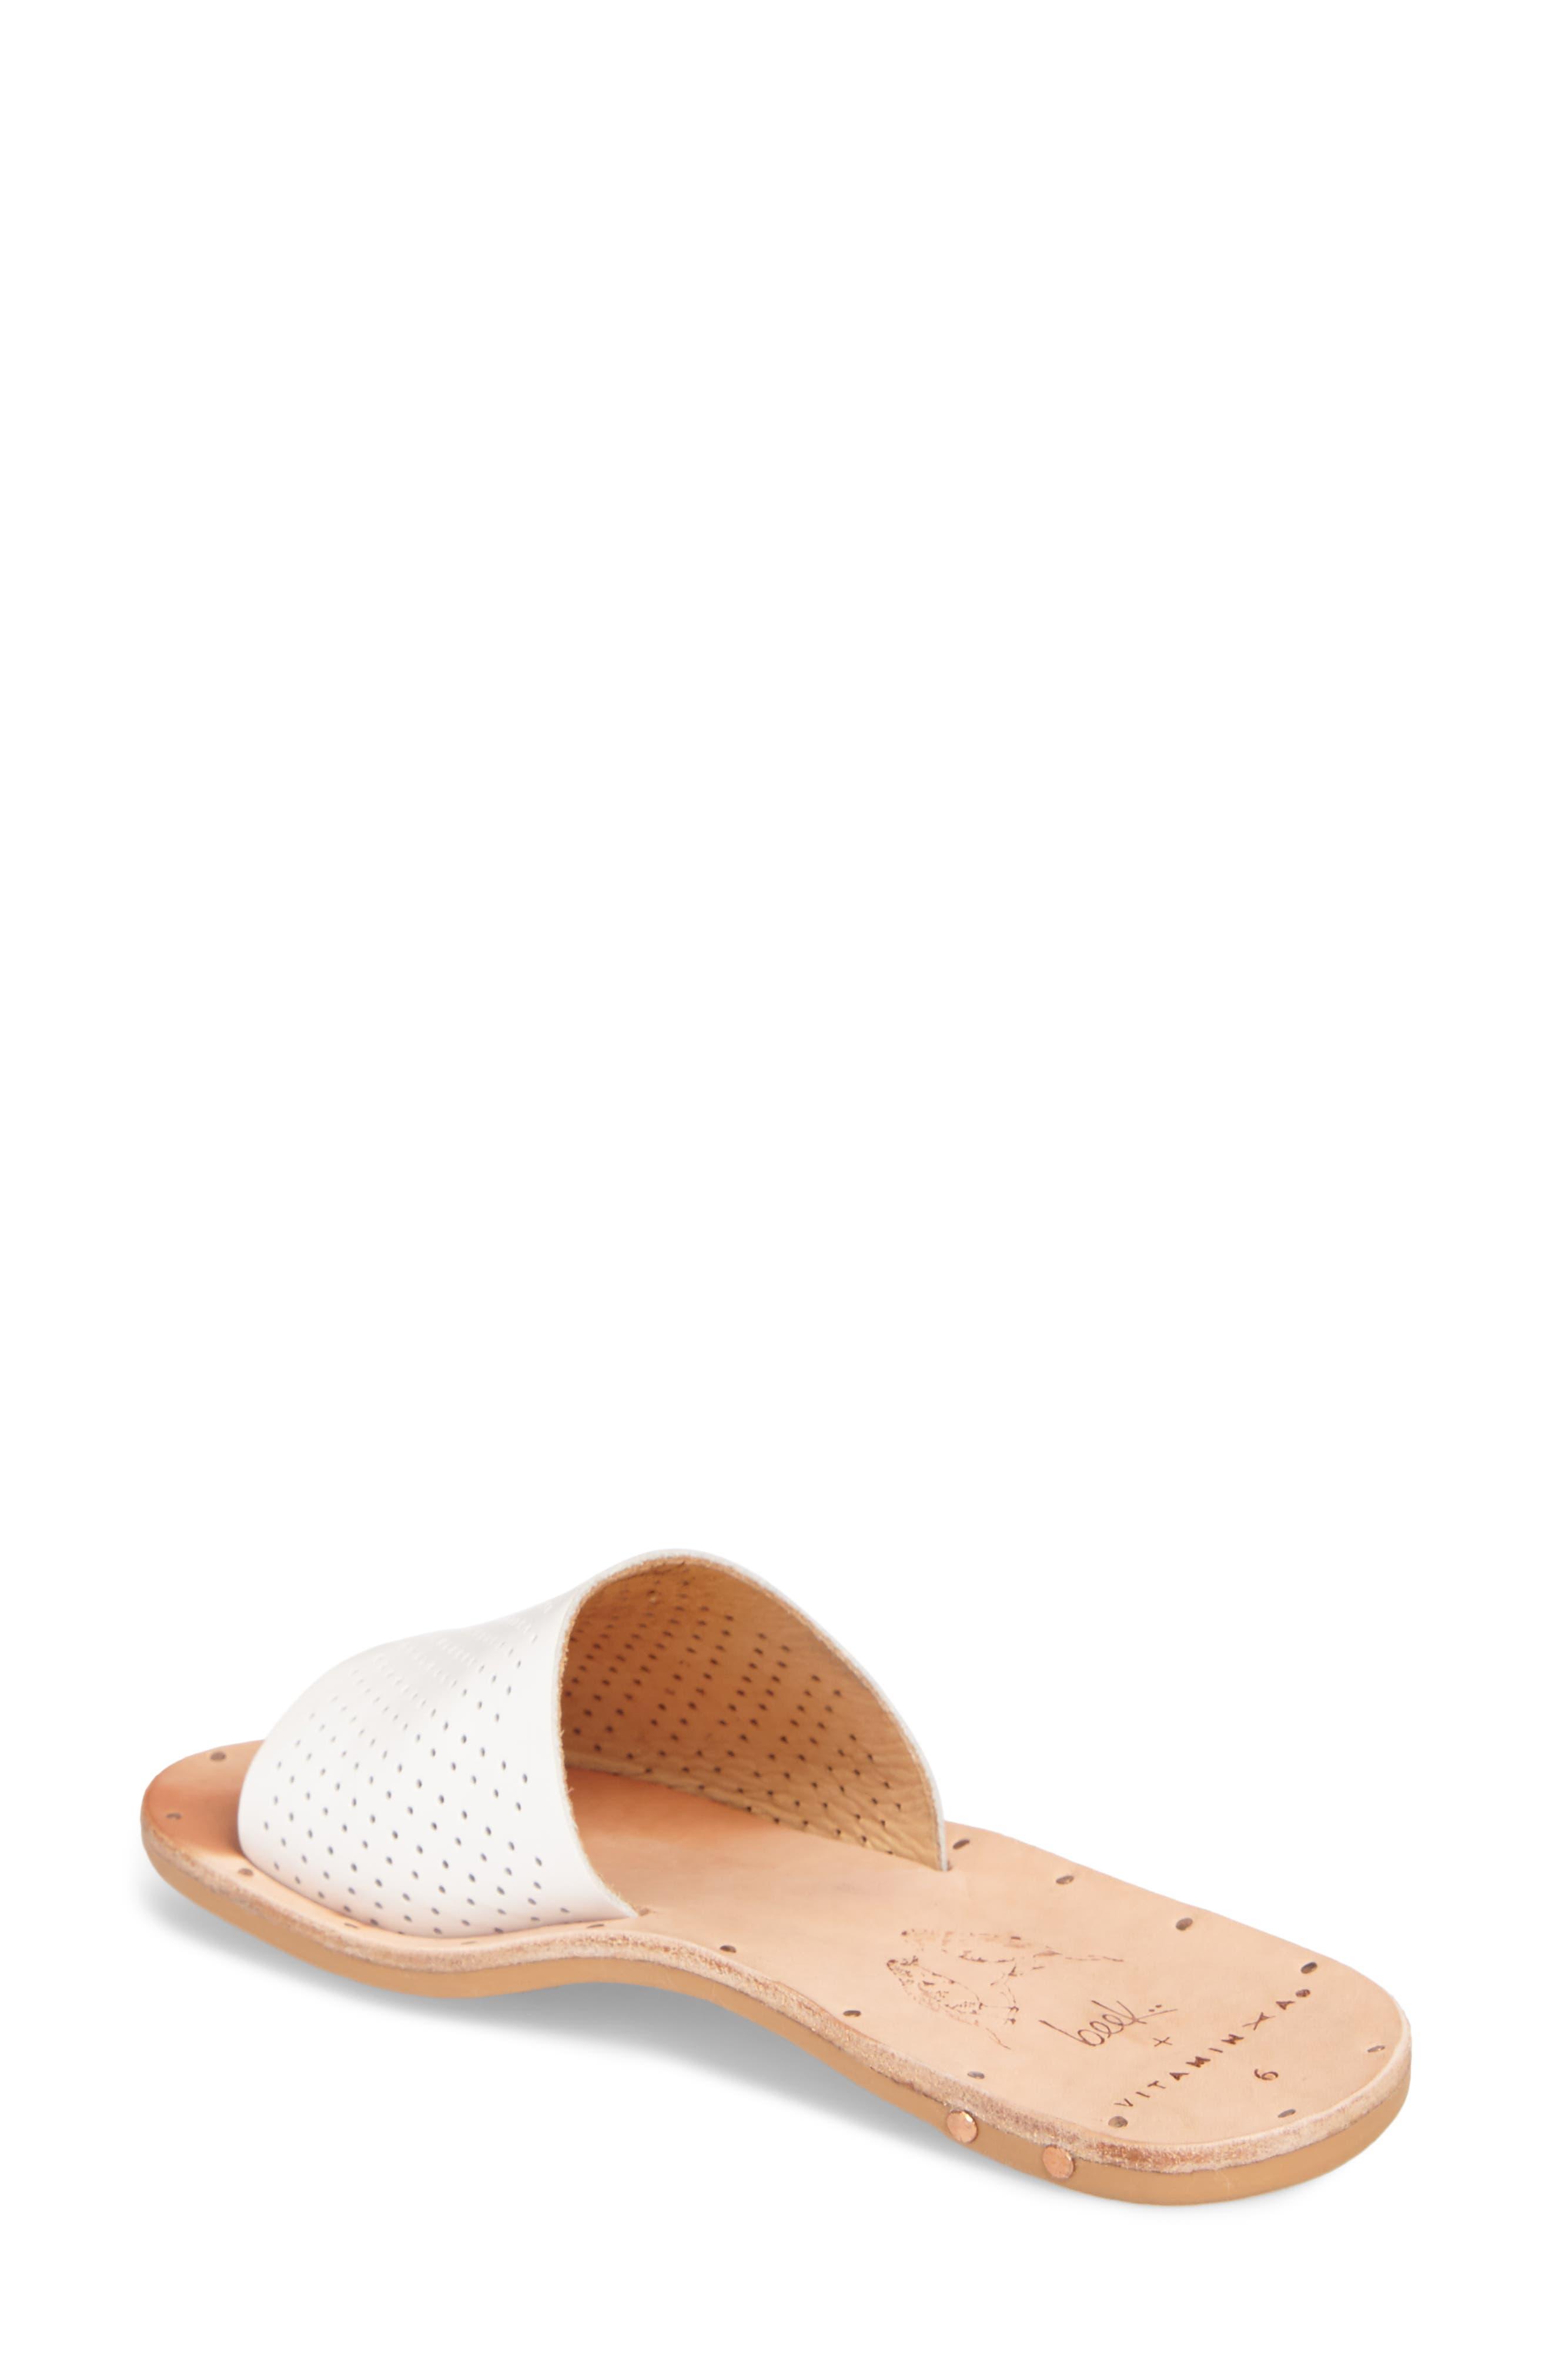 Mockingbird Sandal,                             Alternate thumbnail 2, color,                             White Perf/ Tan